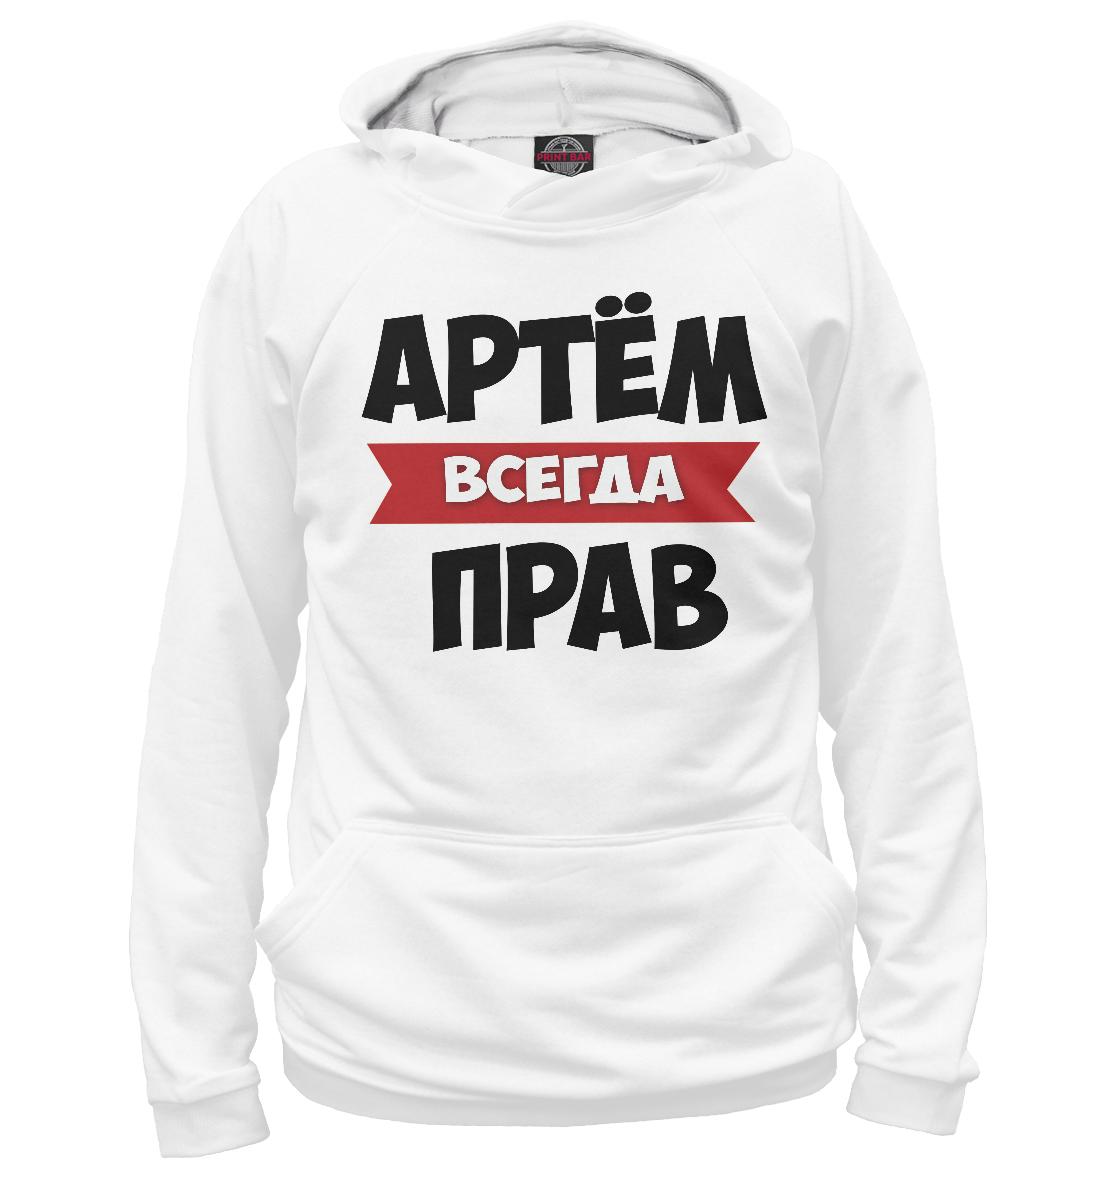 Купить Артем всегда прав, Printbar, Худи, ATM-357945-hud